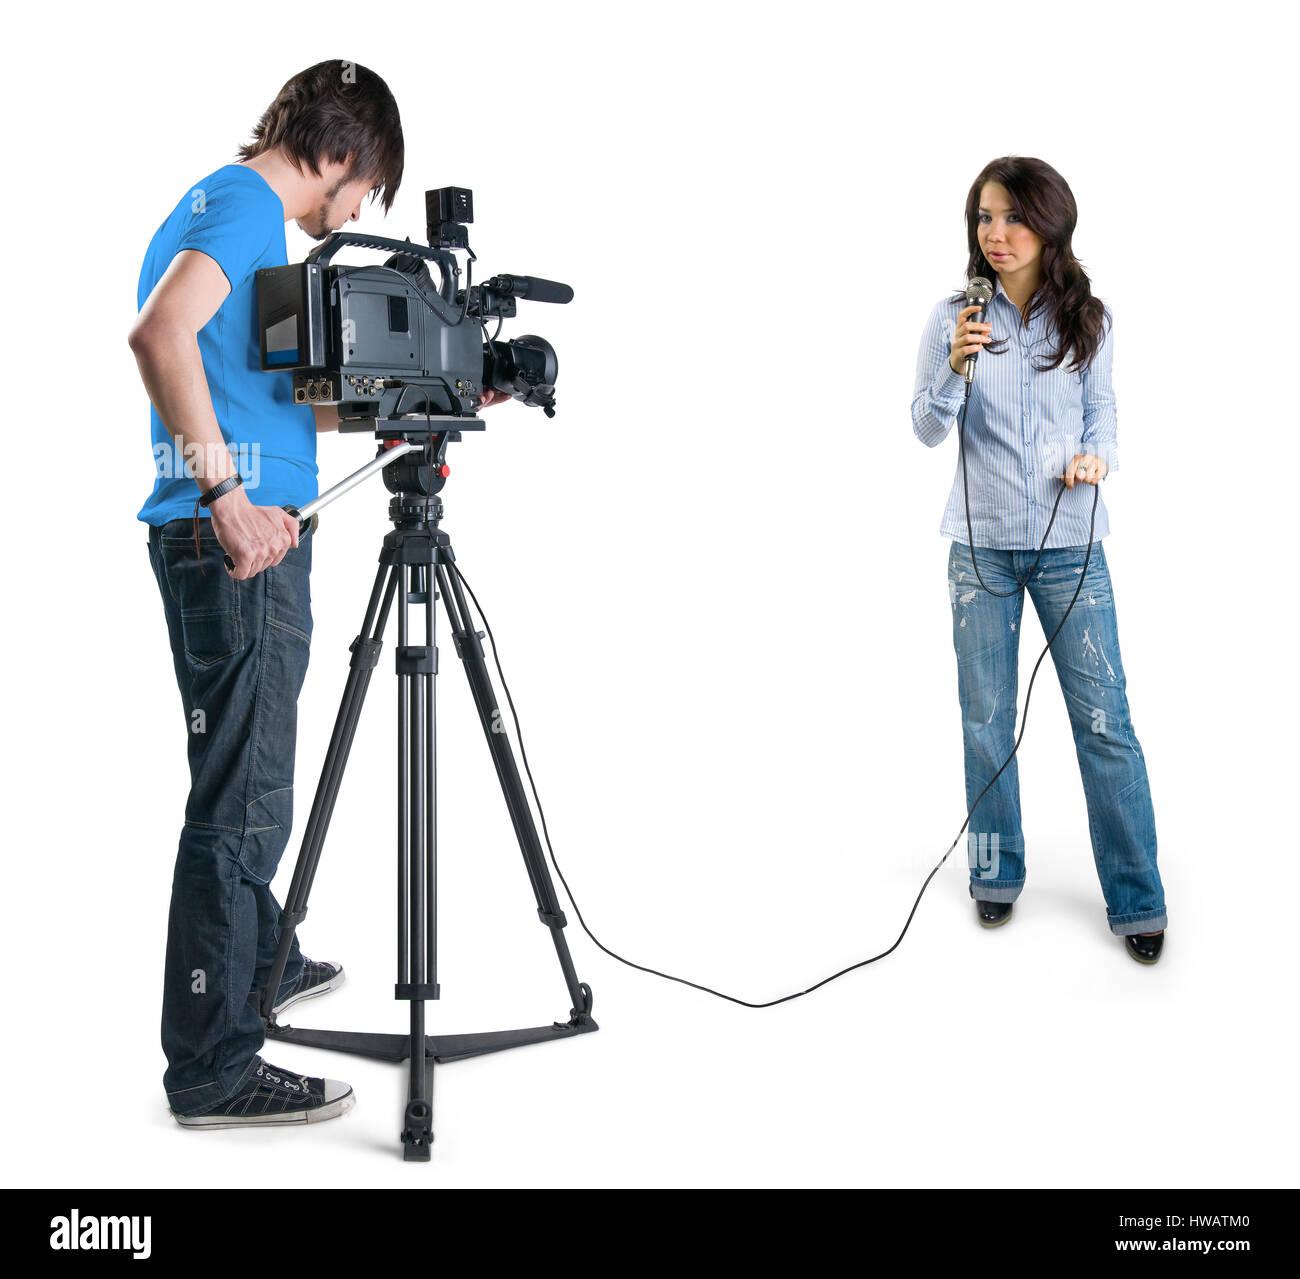 TV-Reporter präsentiert die Nachrichten im Studio, isoliert auf weißem Hintergrund Stockbild